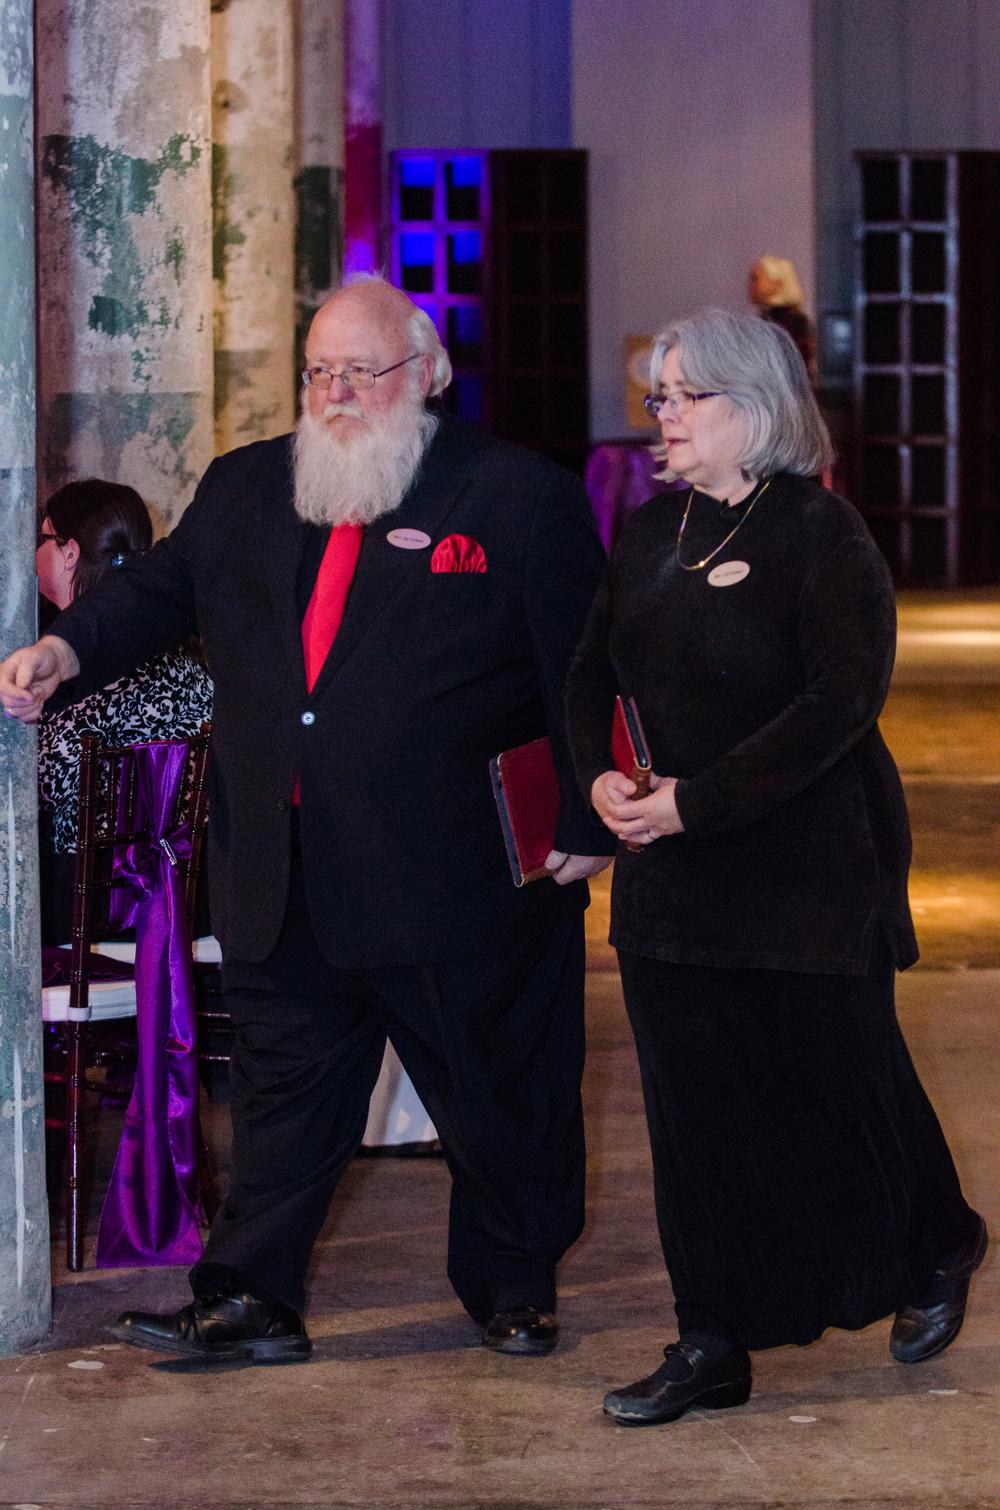 All Faith's Wedding Officiants